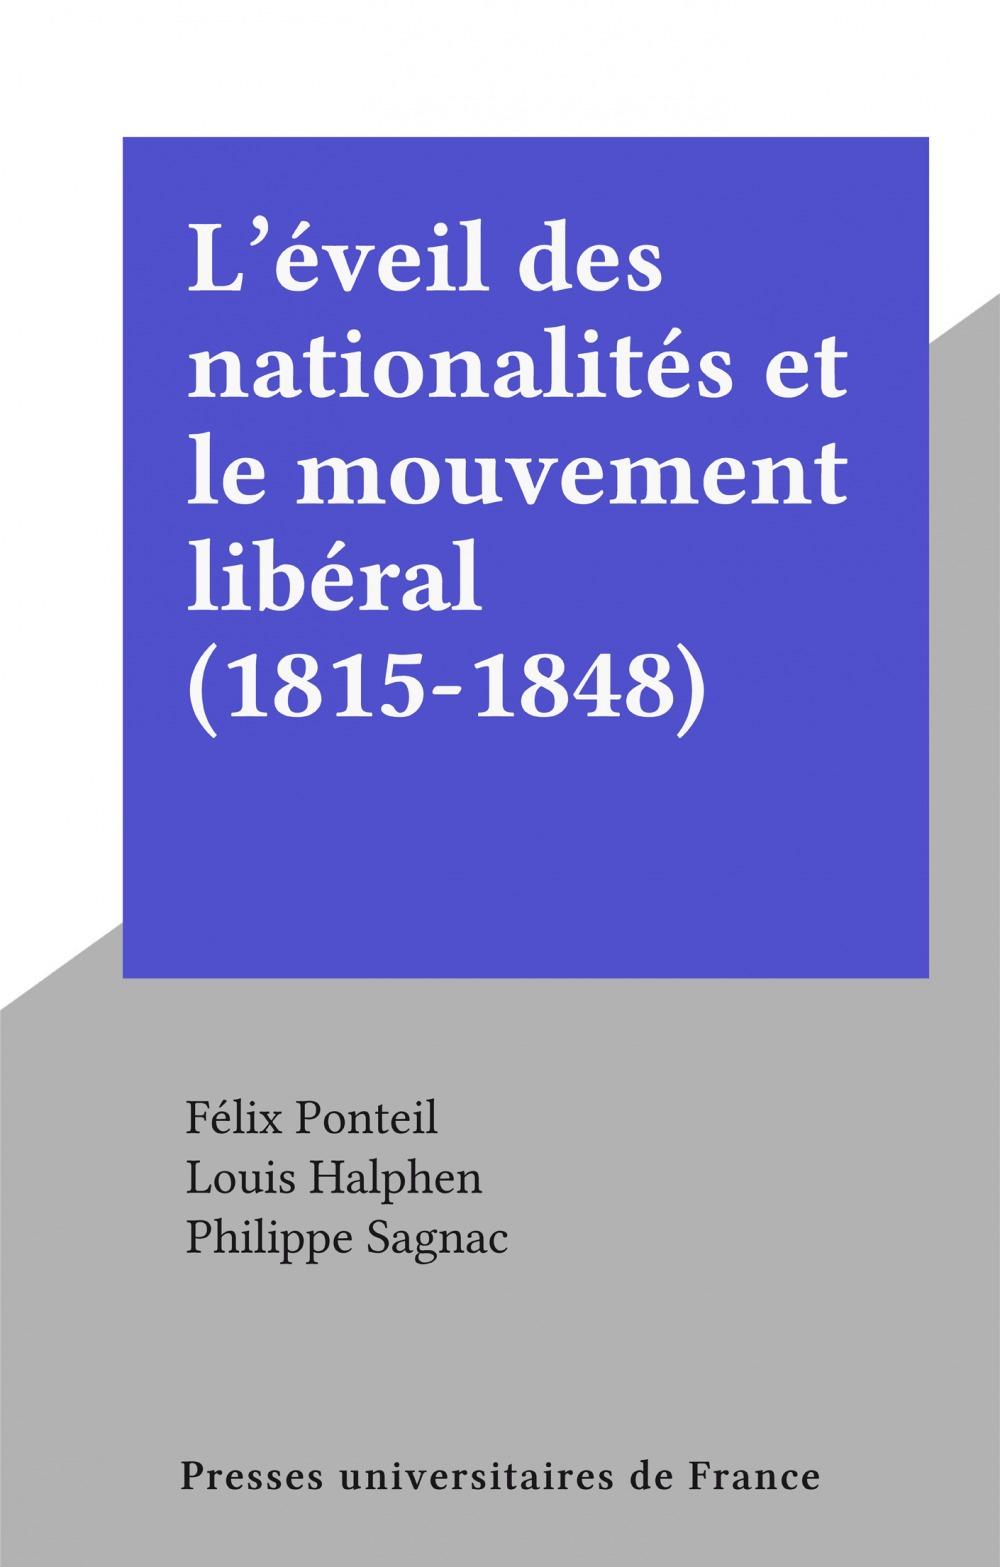 L'éveil des nationalités et le mouvement libéral (1815-1848)  - Félix Ponteil